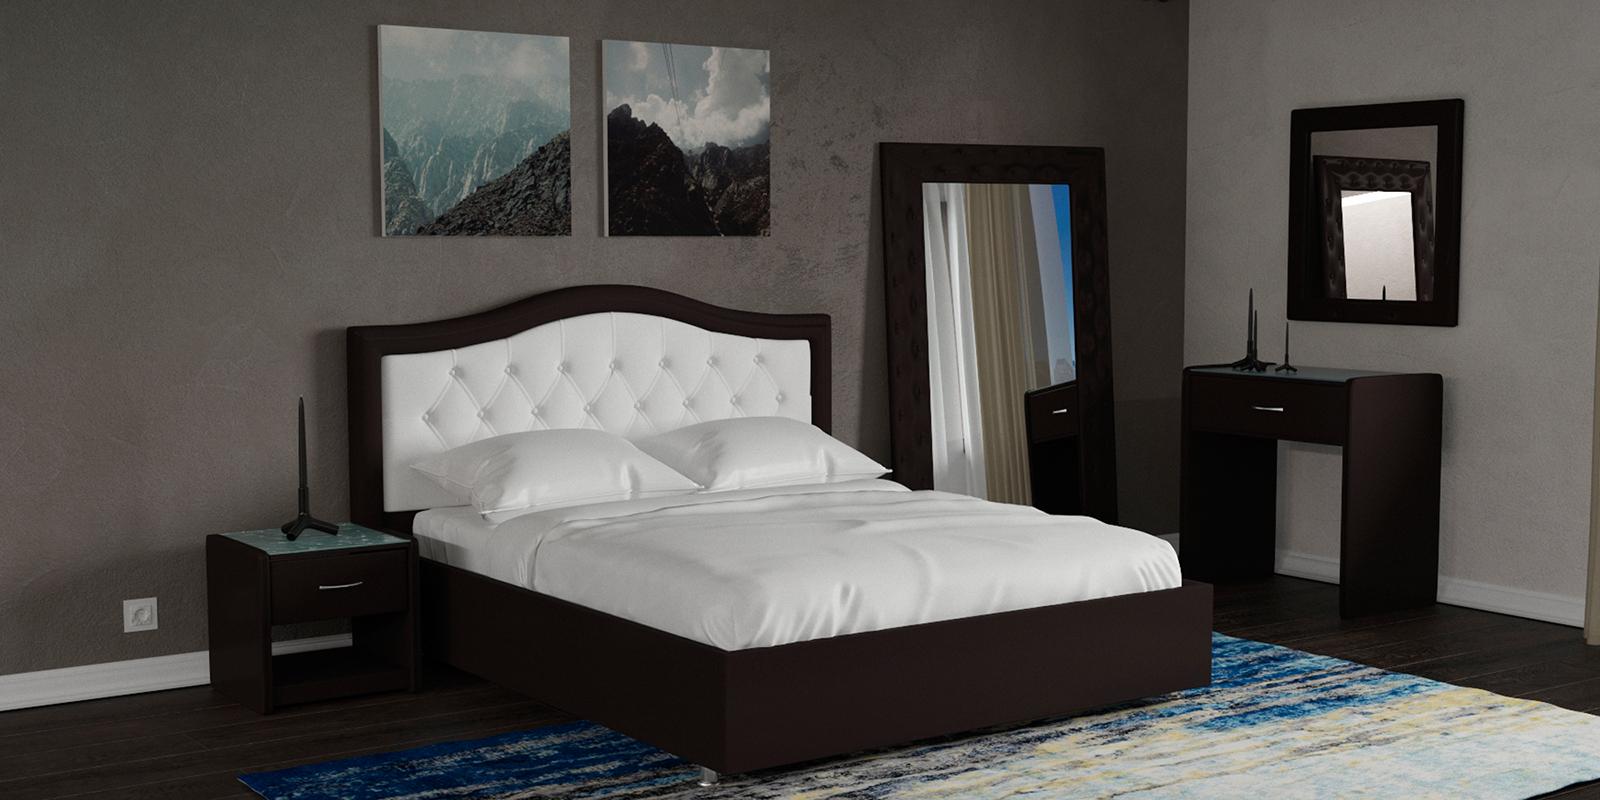 Мягкая кровать 200х160 Малибу вариант №9 с ортопедическим основанием (Белый/Шоколад)